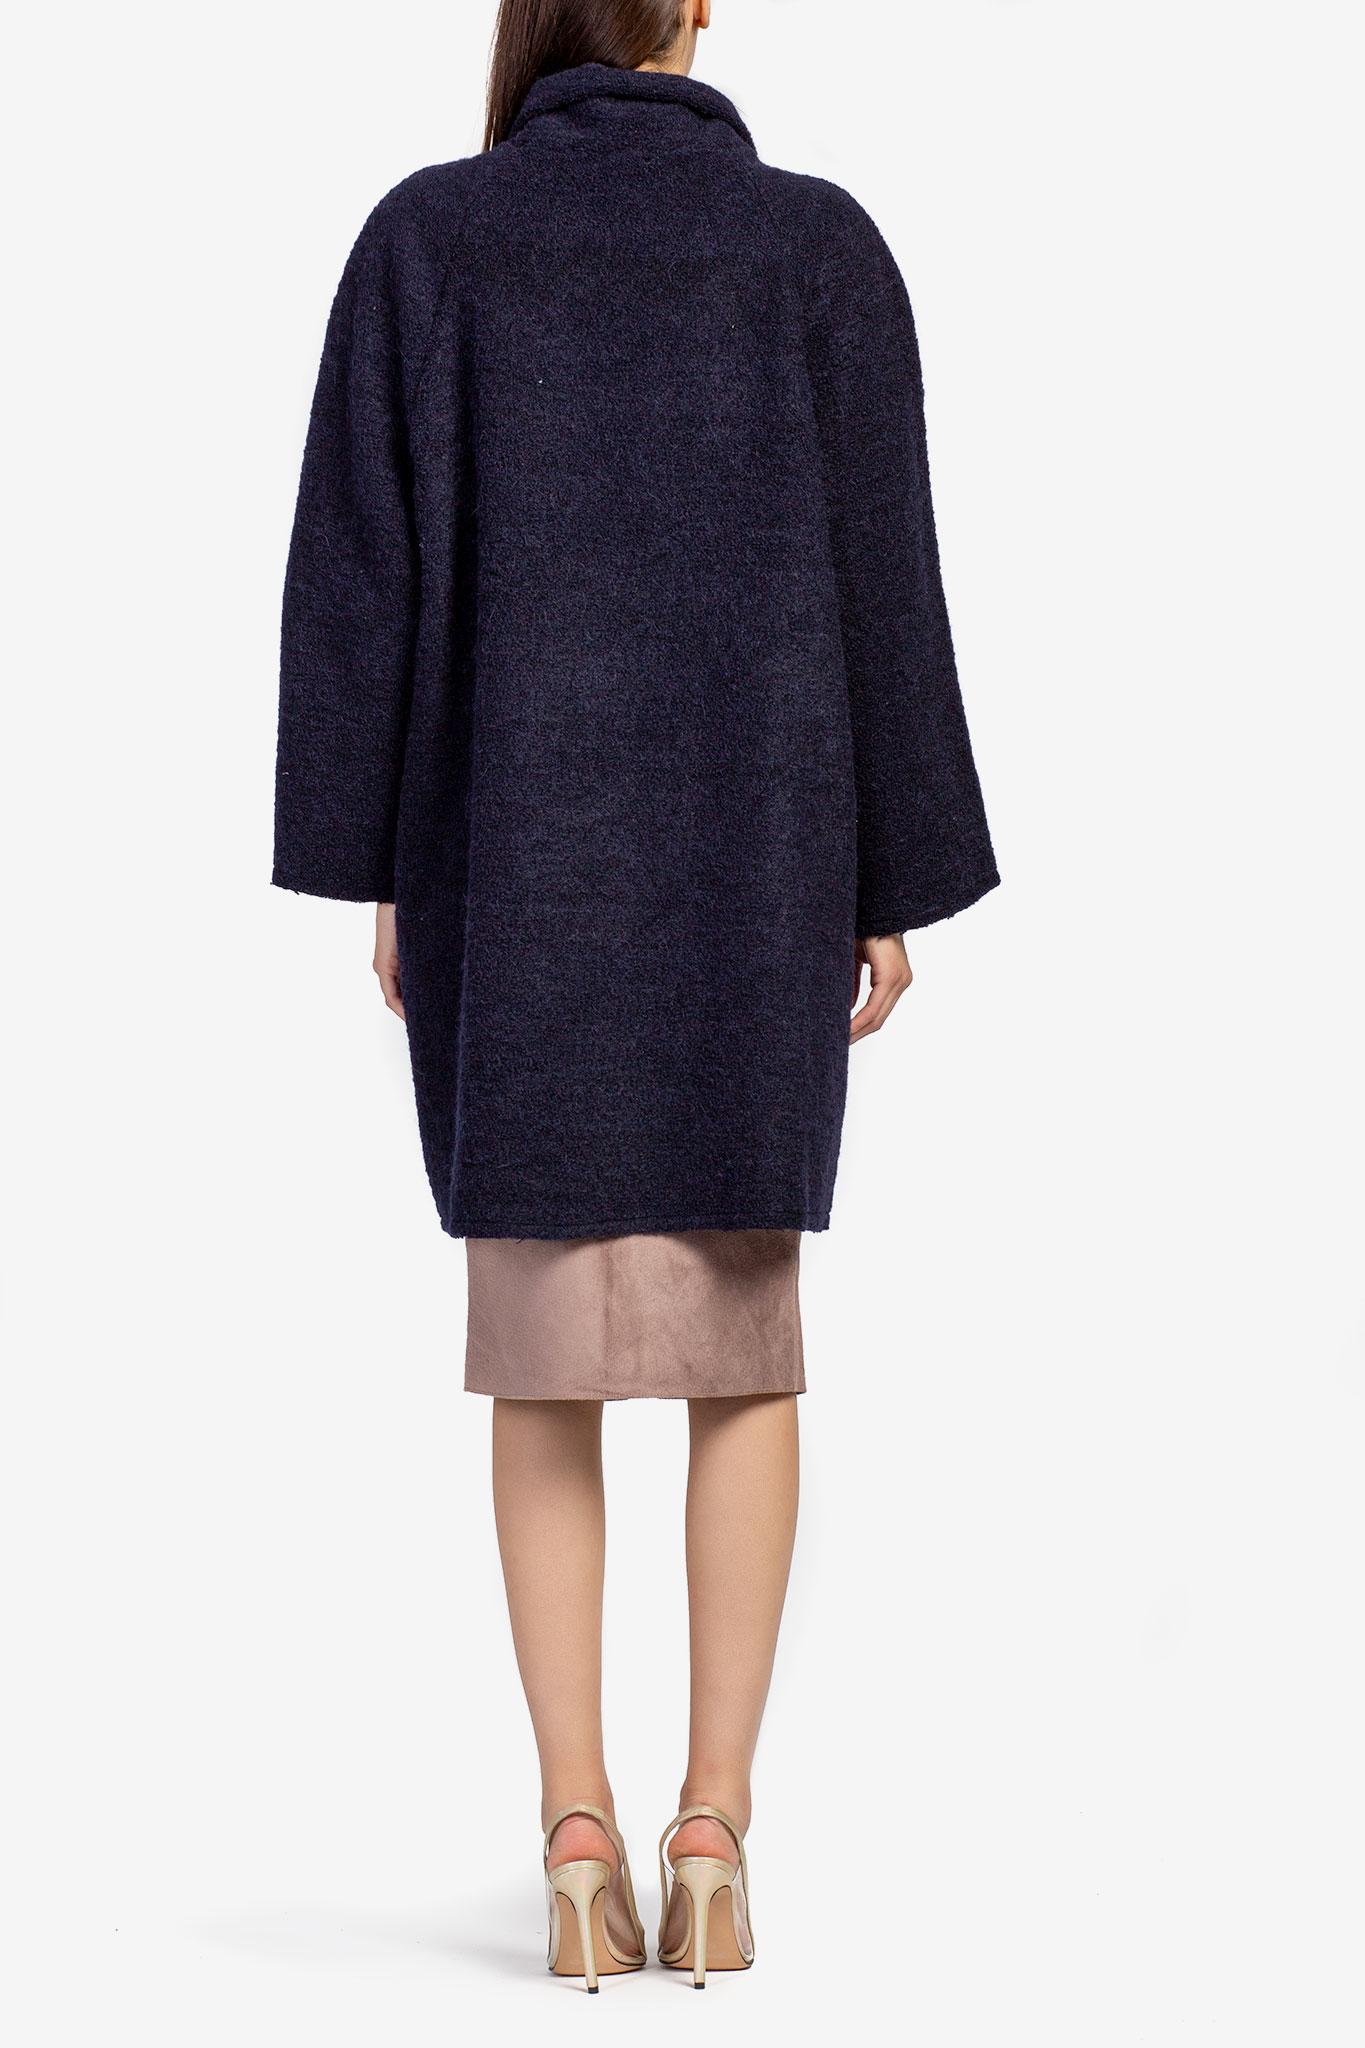 Cardigan din lana bleumarin Acob a Porter imagine 2